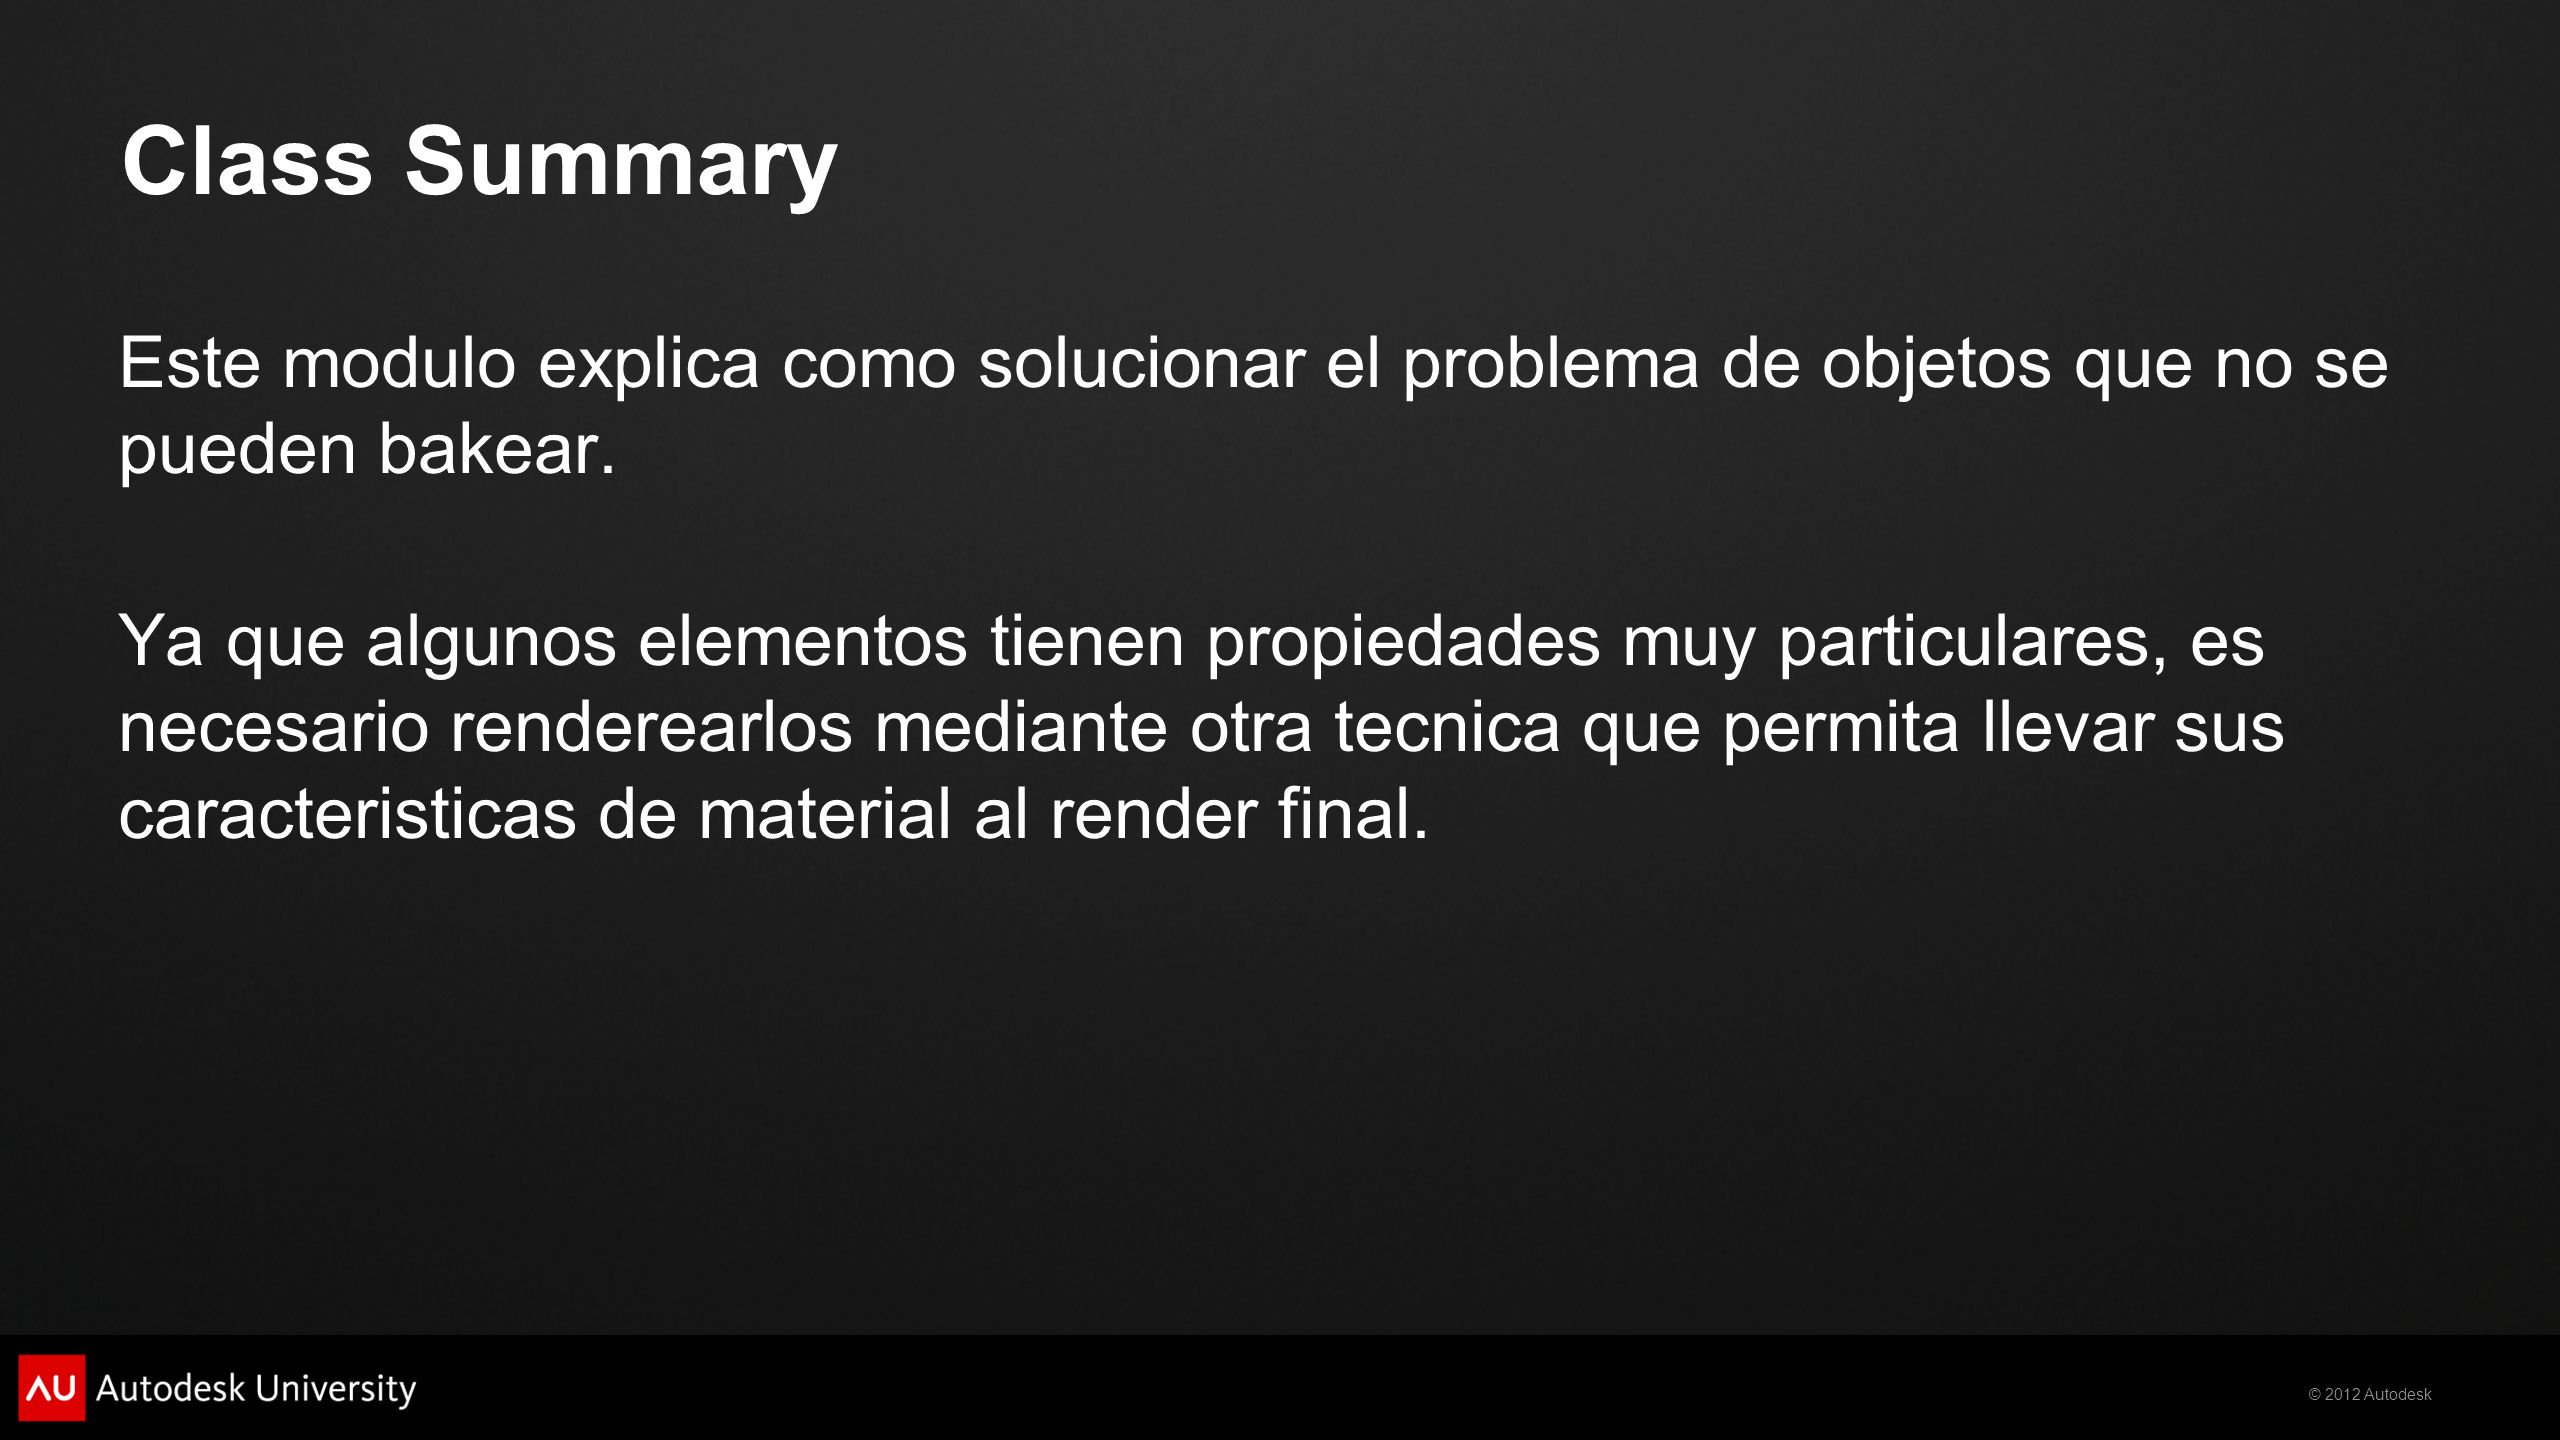 Class Summary Este modulo explica como solucionar el problema de objetos que no se pueden bakear.